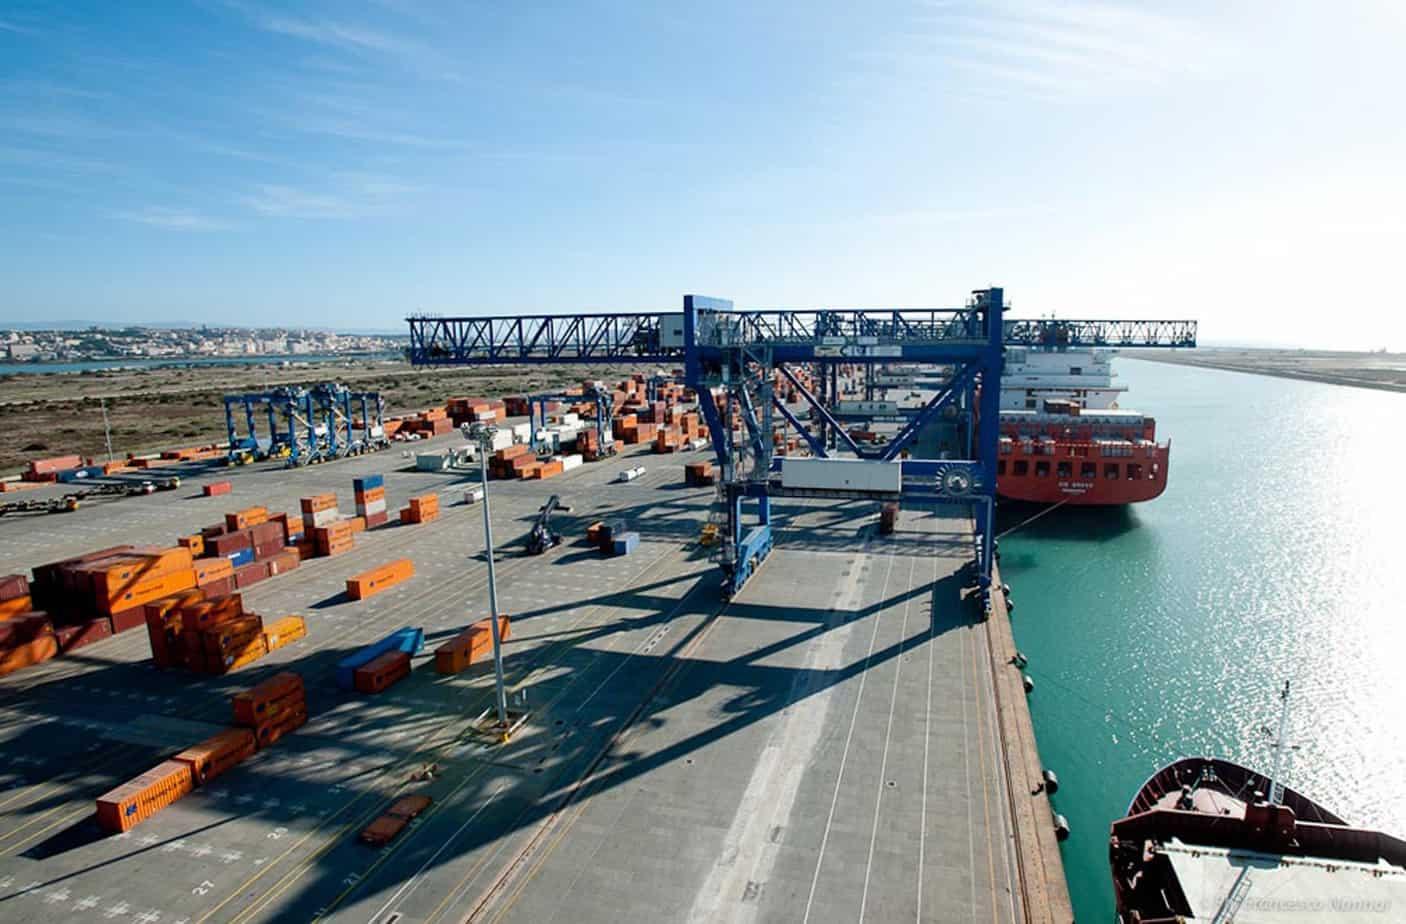 Una portacontainer attraccata alle banchine del porto canale